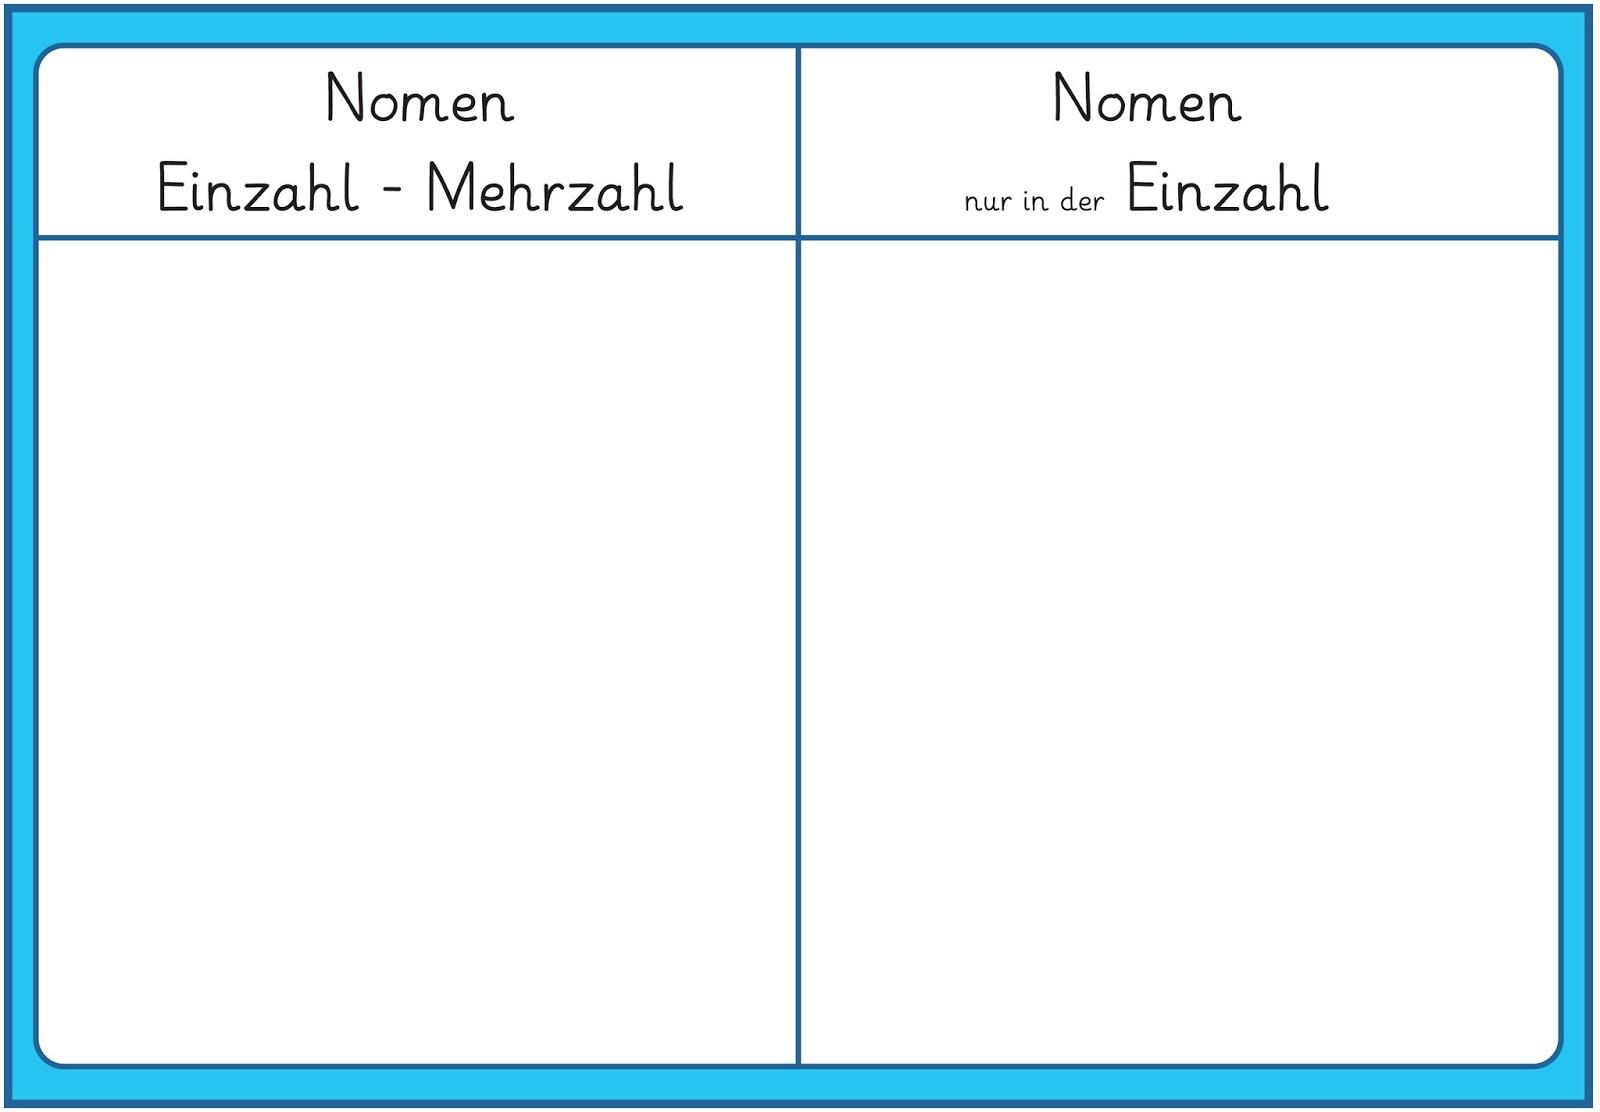 Arbeitsblätter Nomen Einzahl Mehrzahl : Lernstübchen nomen nur in der einzahl